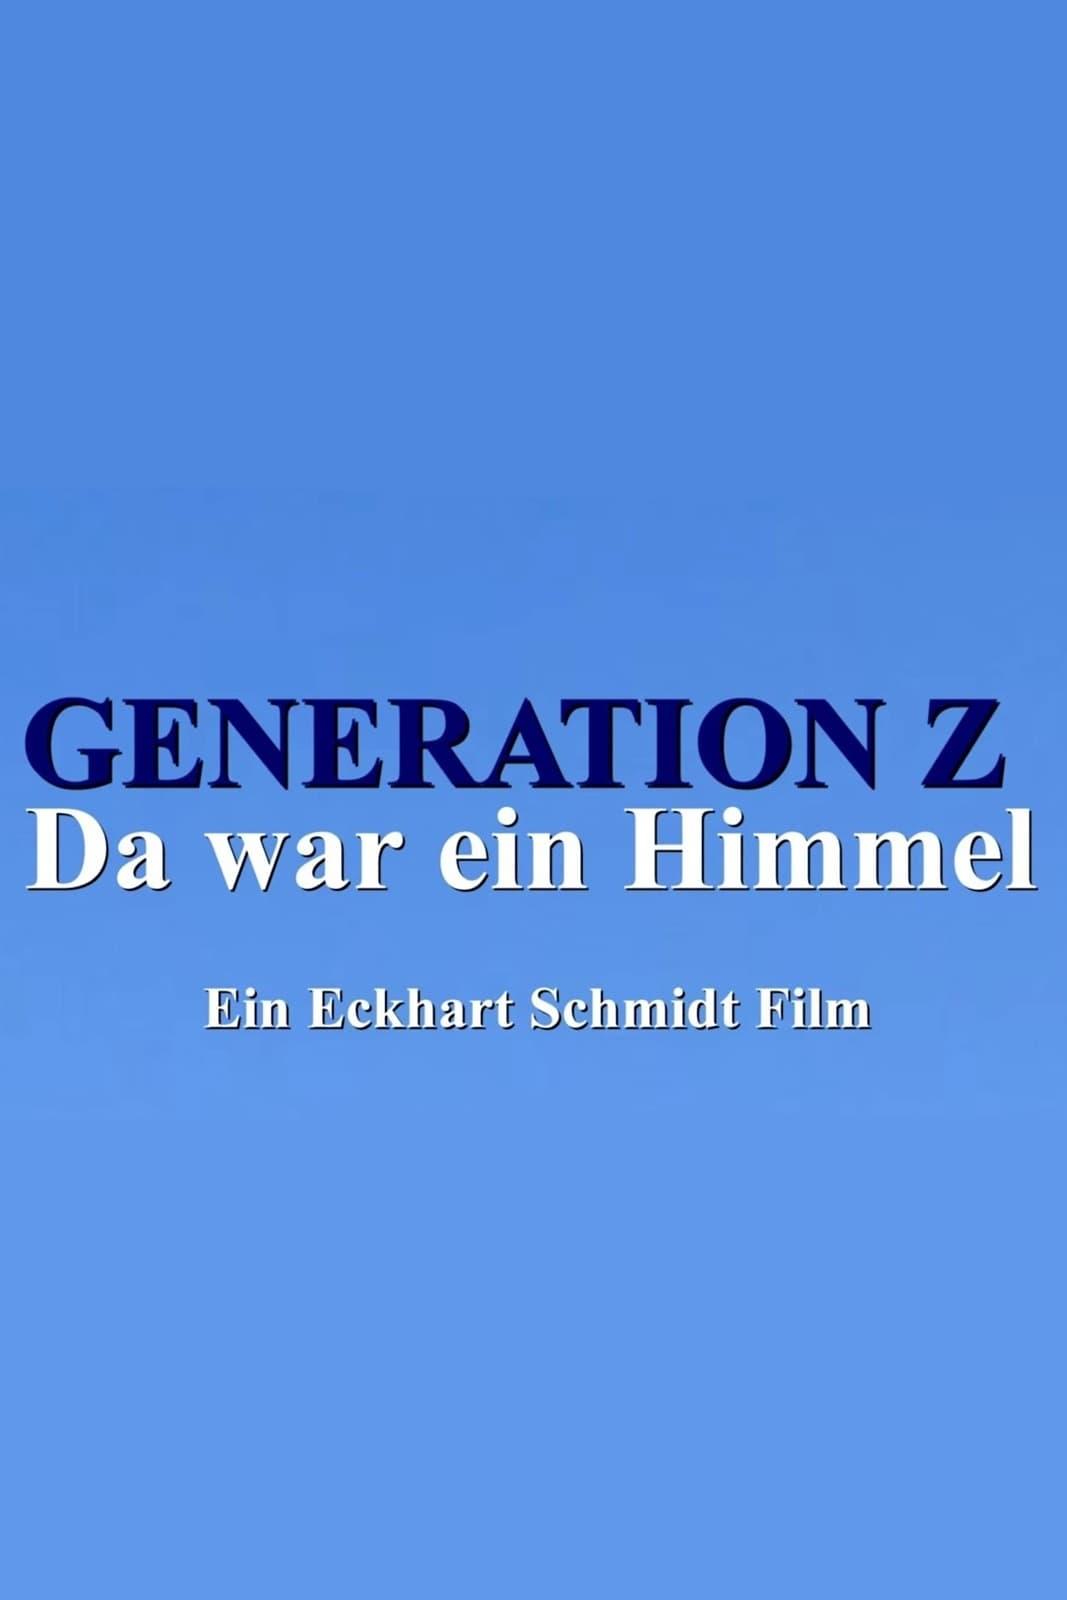 Generation Z - Da war ein Himmel